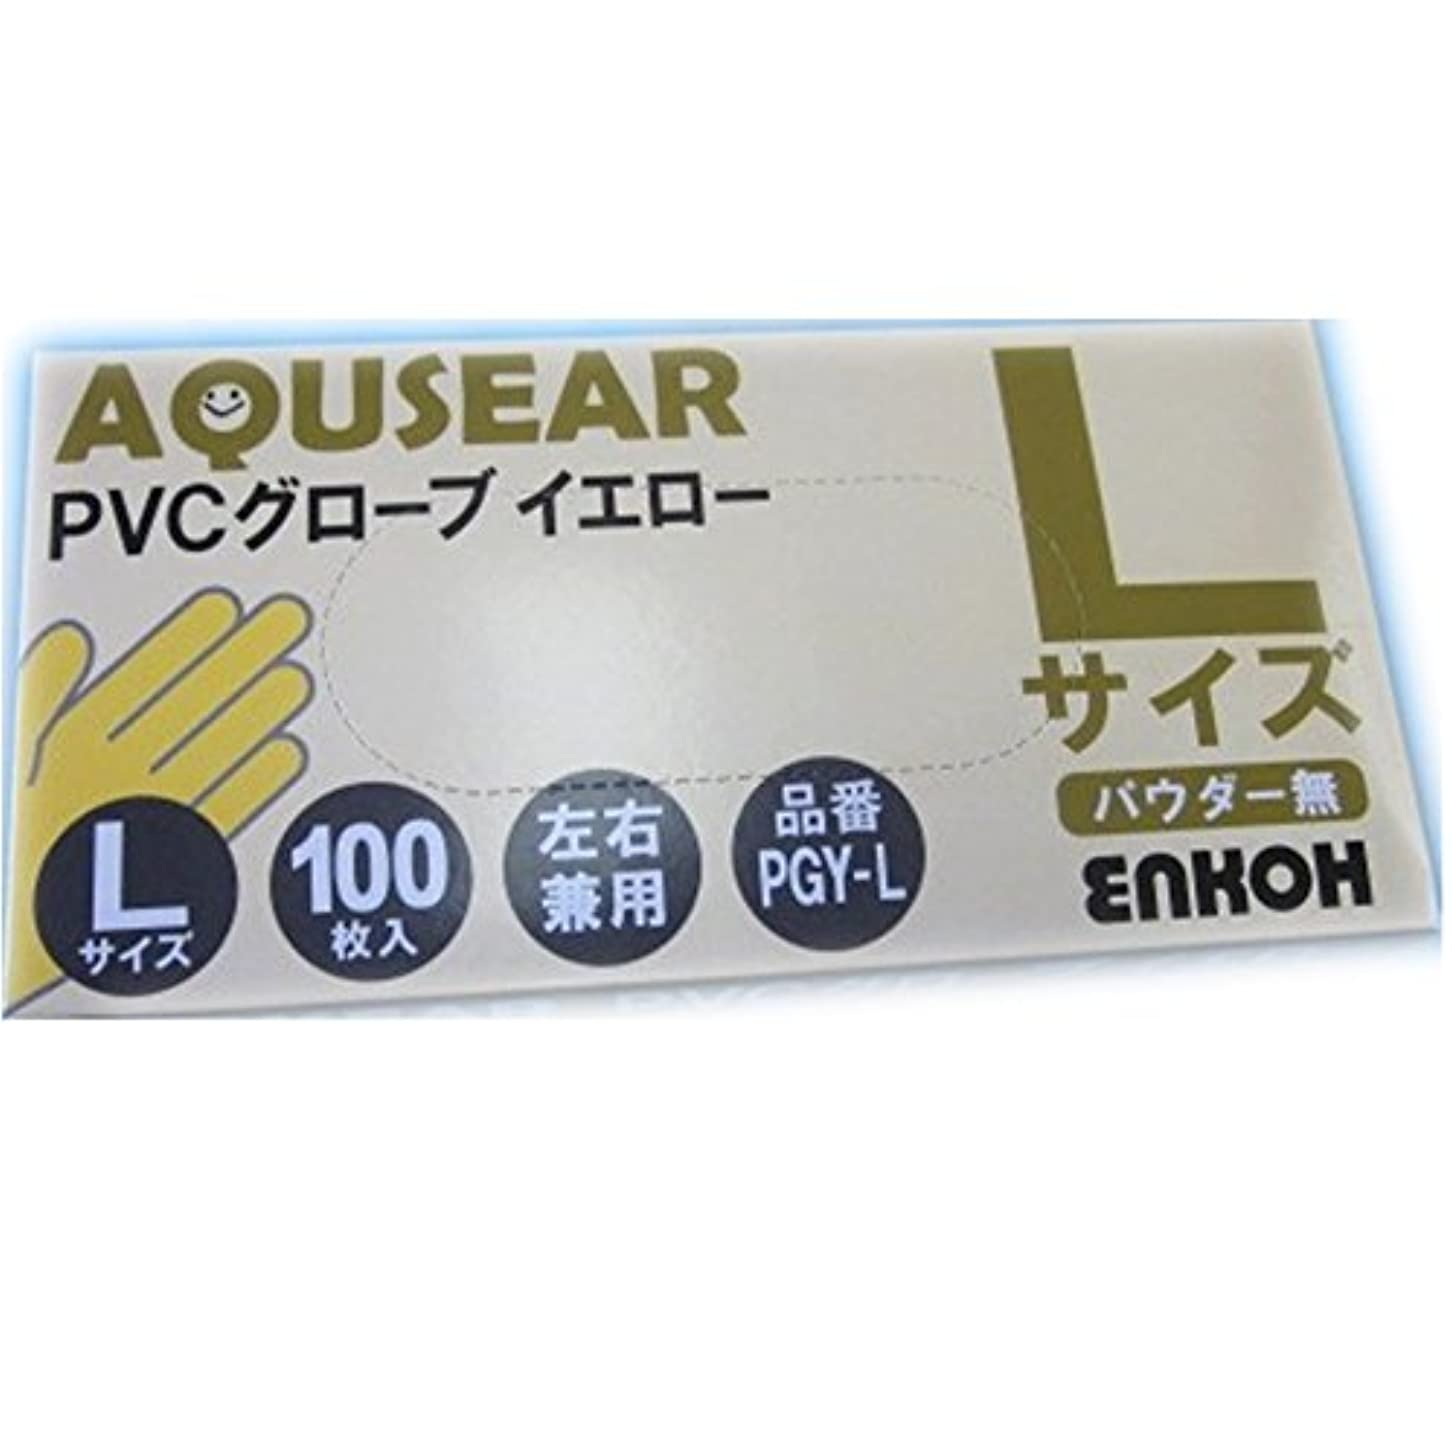 巨人反逆者規定AQUSEAR PVC プラスチックグローブ イエロー 弾性 Lサイズ パウダー無 PGY-L 100枚箱入